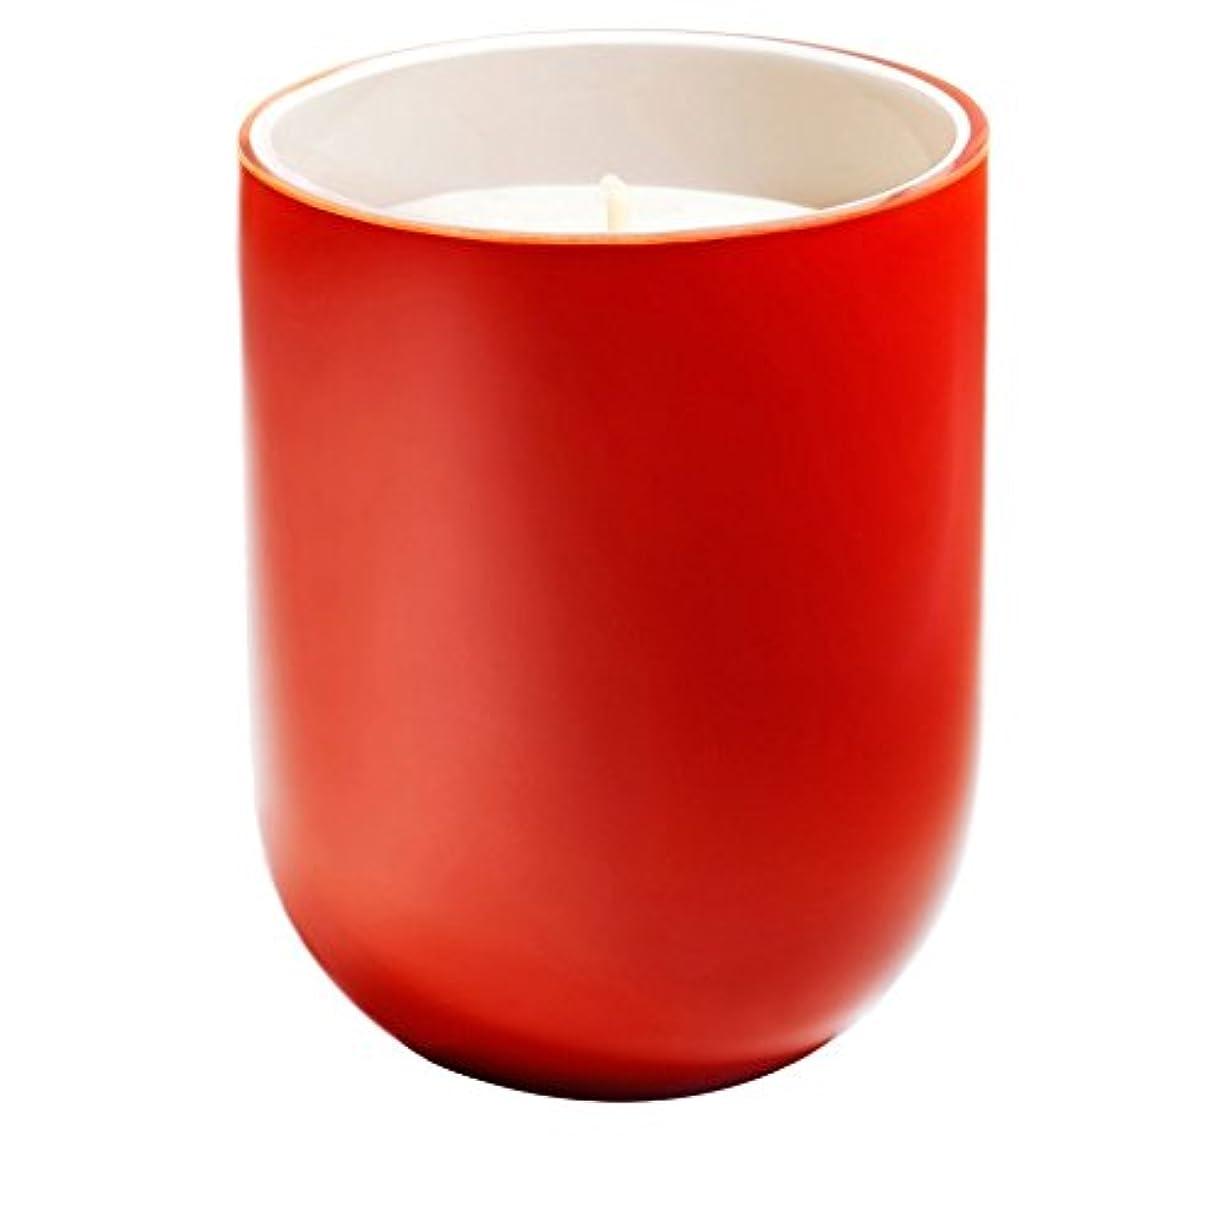 早める正気ヘッジFrederic Malle Russian Night Scented Candle (Pack of 2) - フレデリック?マルロシアの夜香りのキャンドル x2 [並行輸入品]